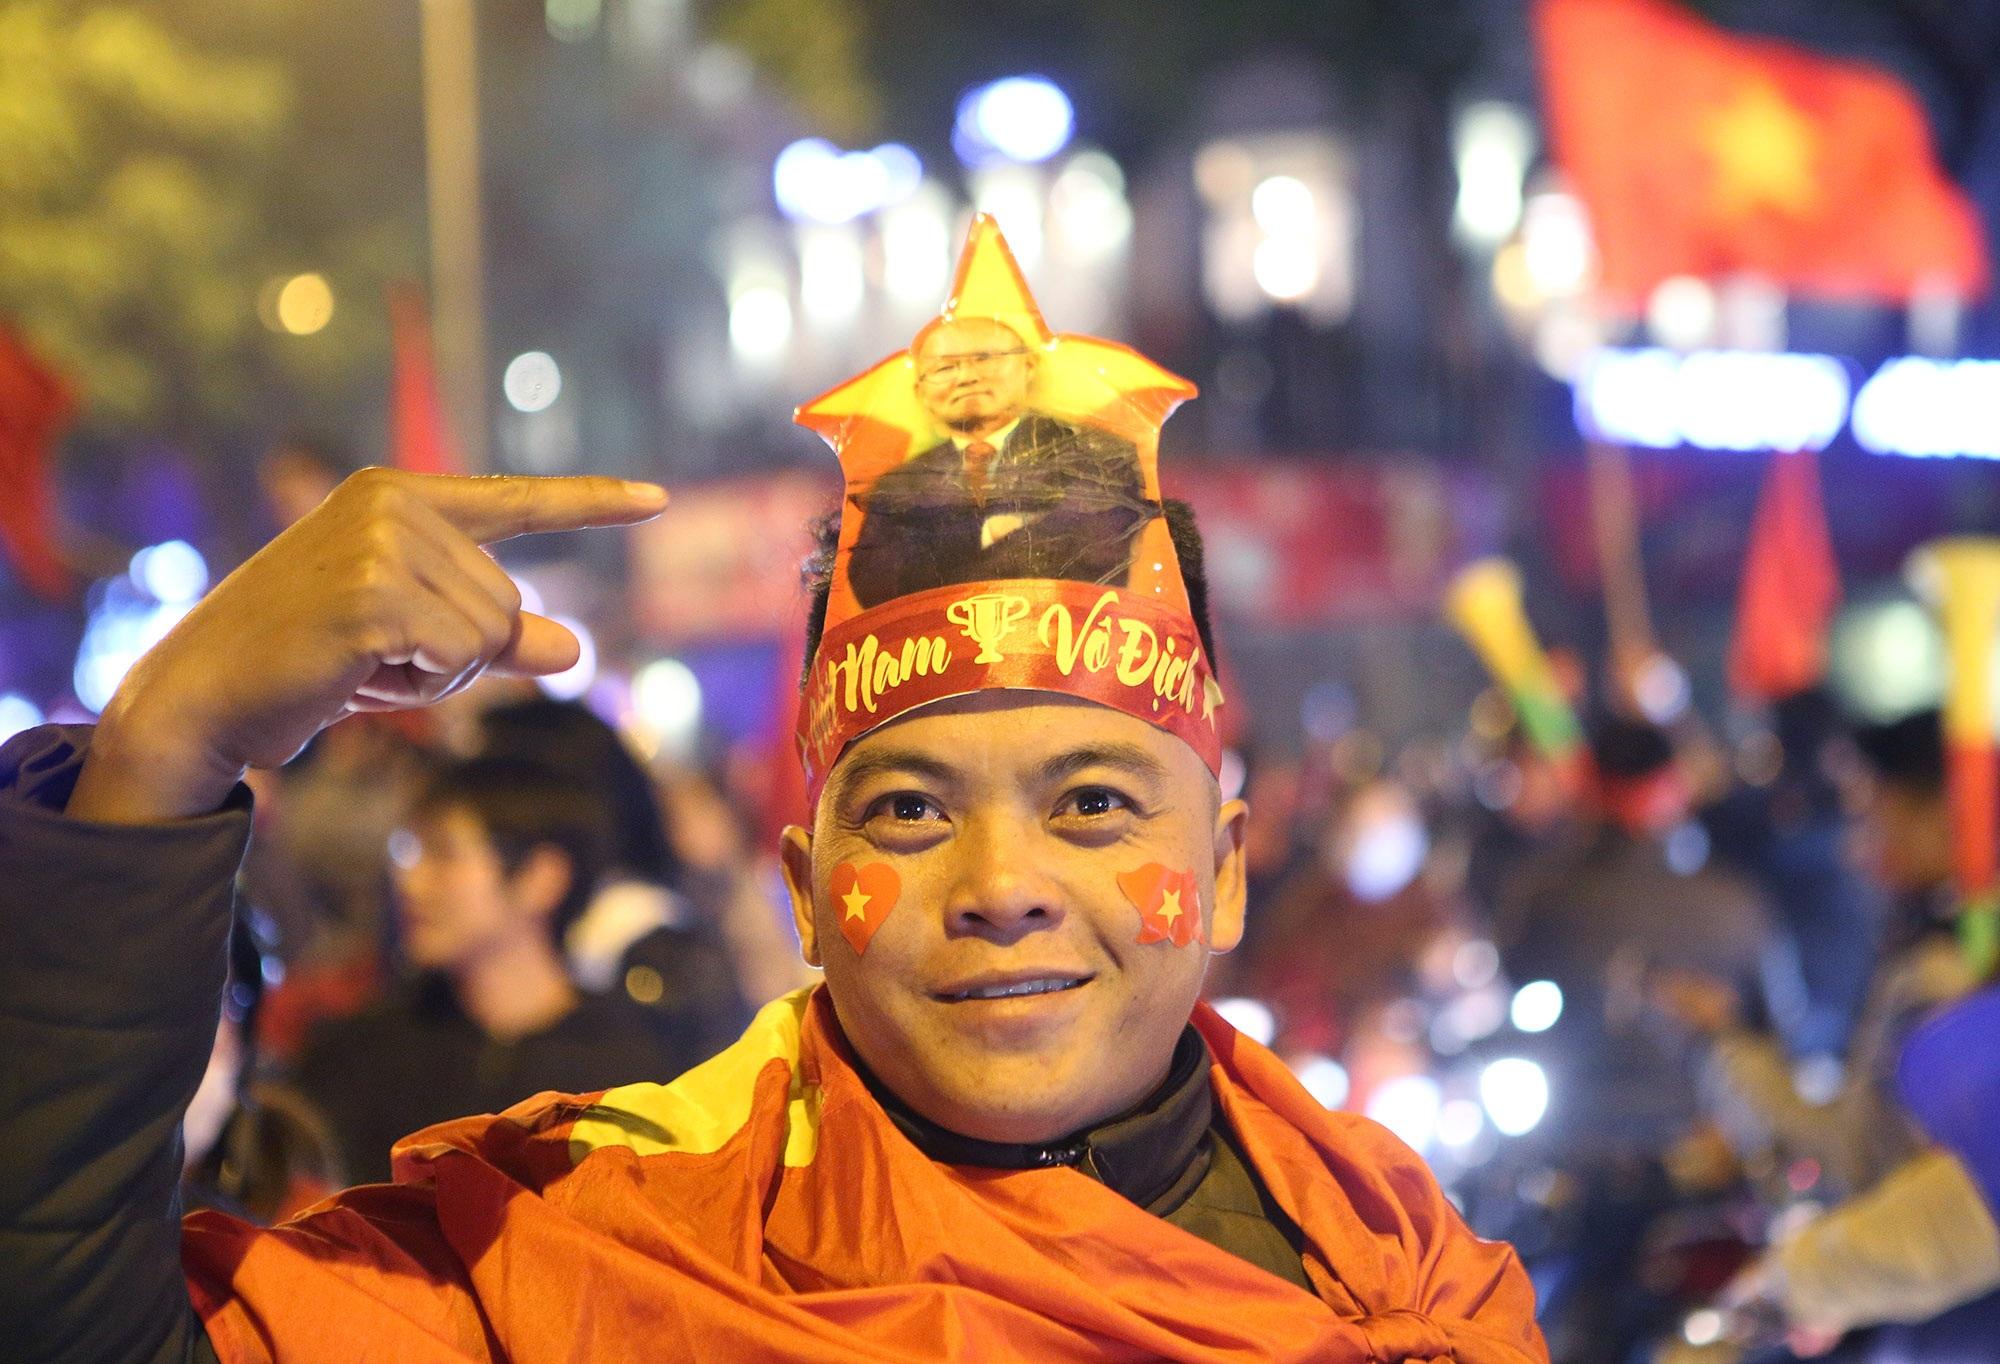 Hình ảnh ấn tượng biển người mừng chiến thắng giữa đêm khuya tại Hà Nội - 9